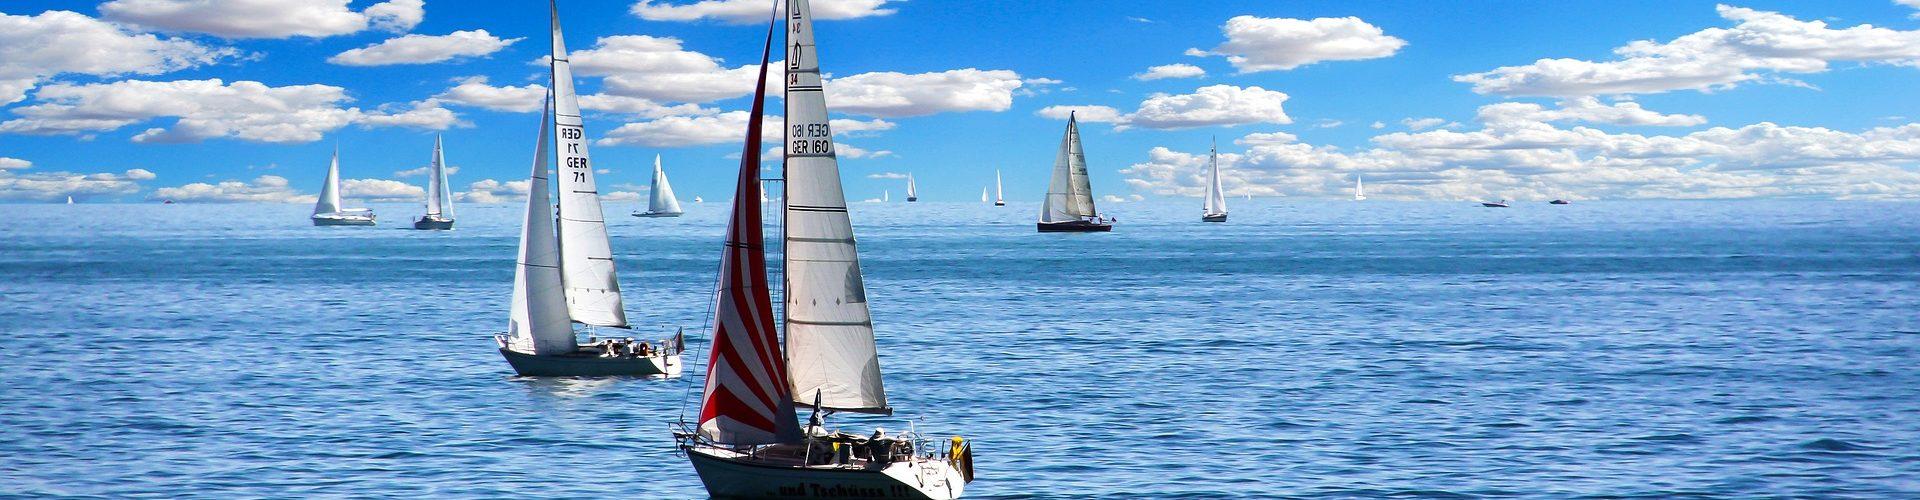 segeln lernen in Gailingen am Hochrhein segelschein machen in Gailingen am Hochrhein 1920x500 - Segeln lernen in Gailingen am Hochrhein